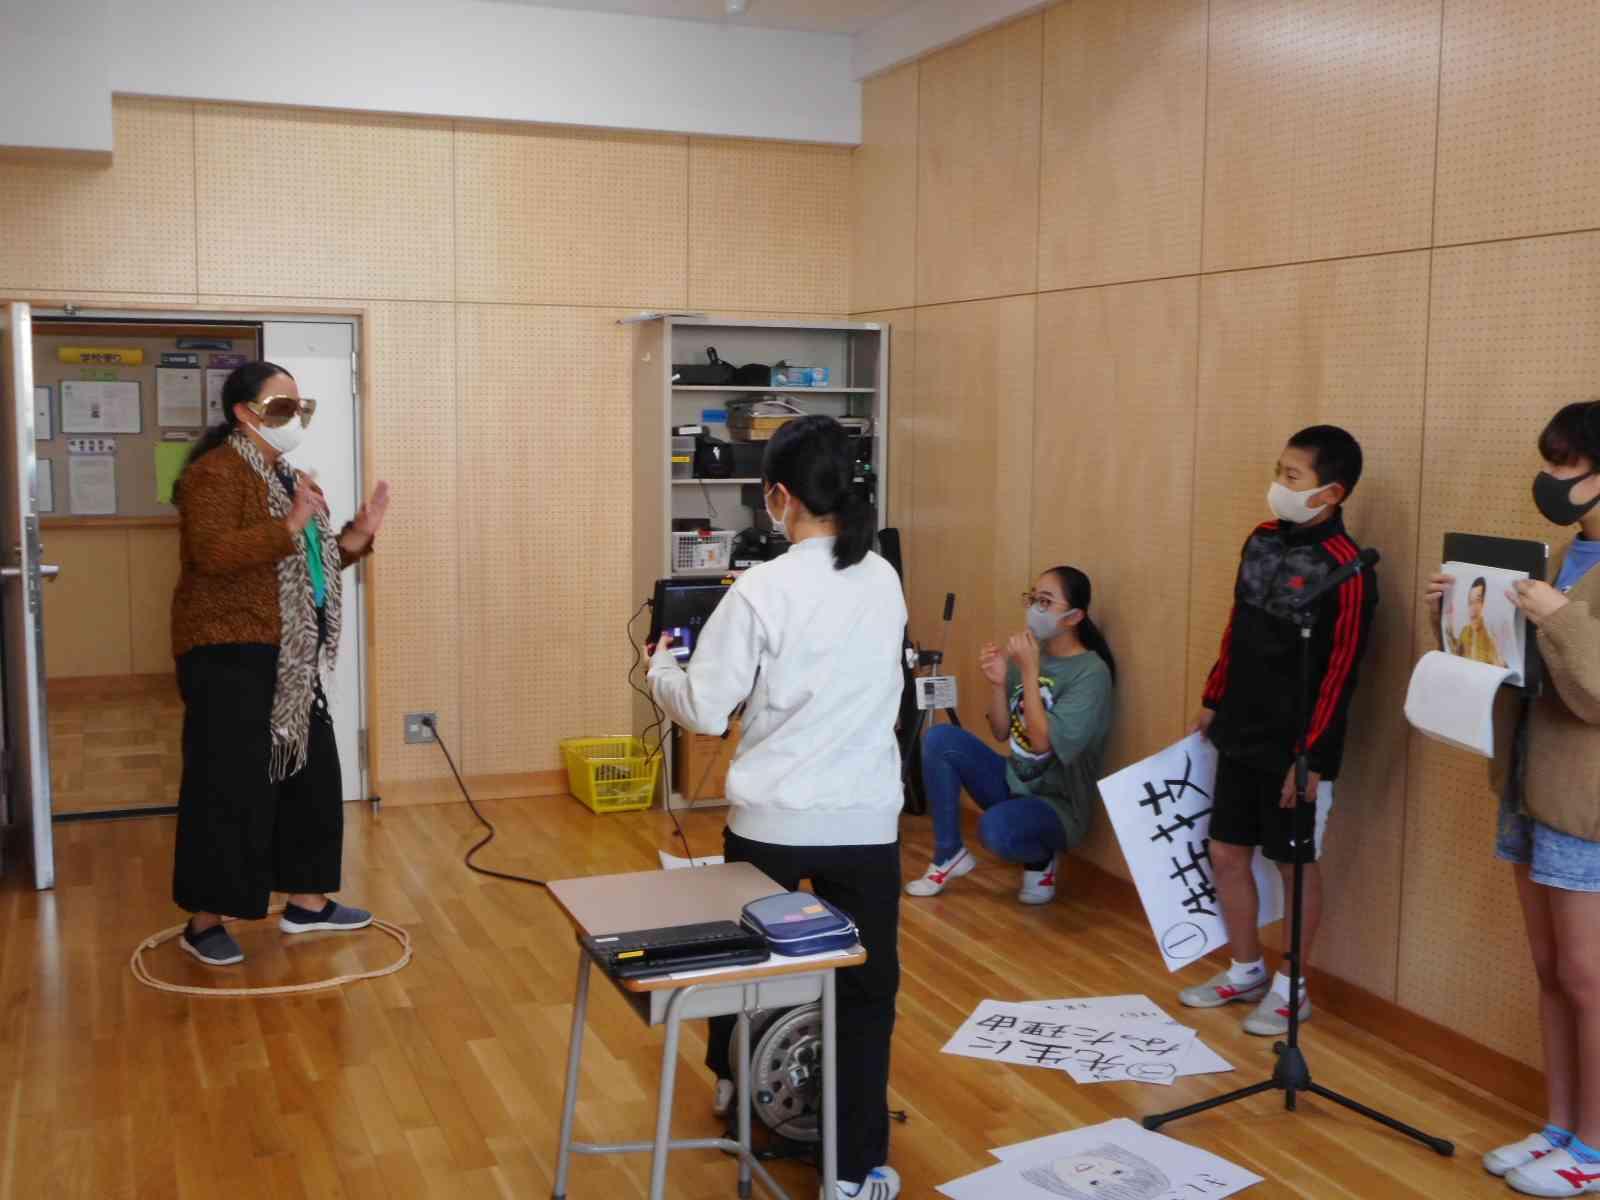 201029 オンライン集会②.JPG